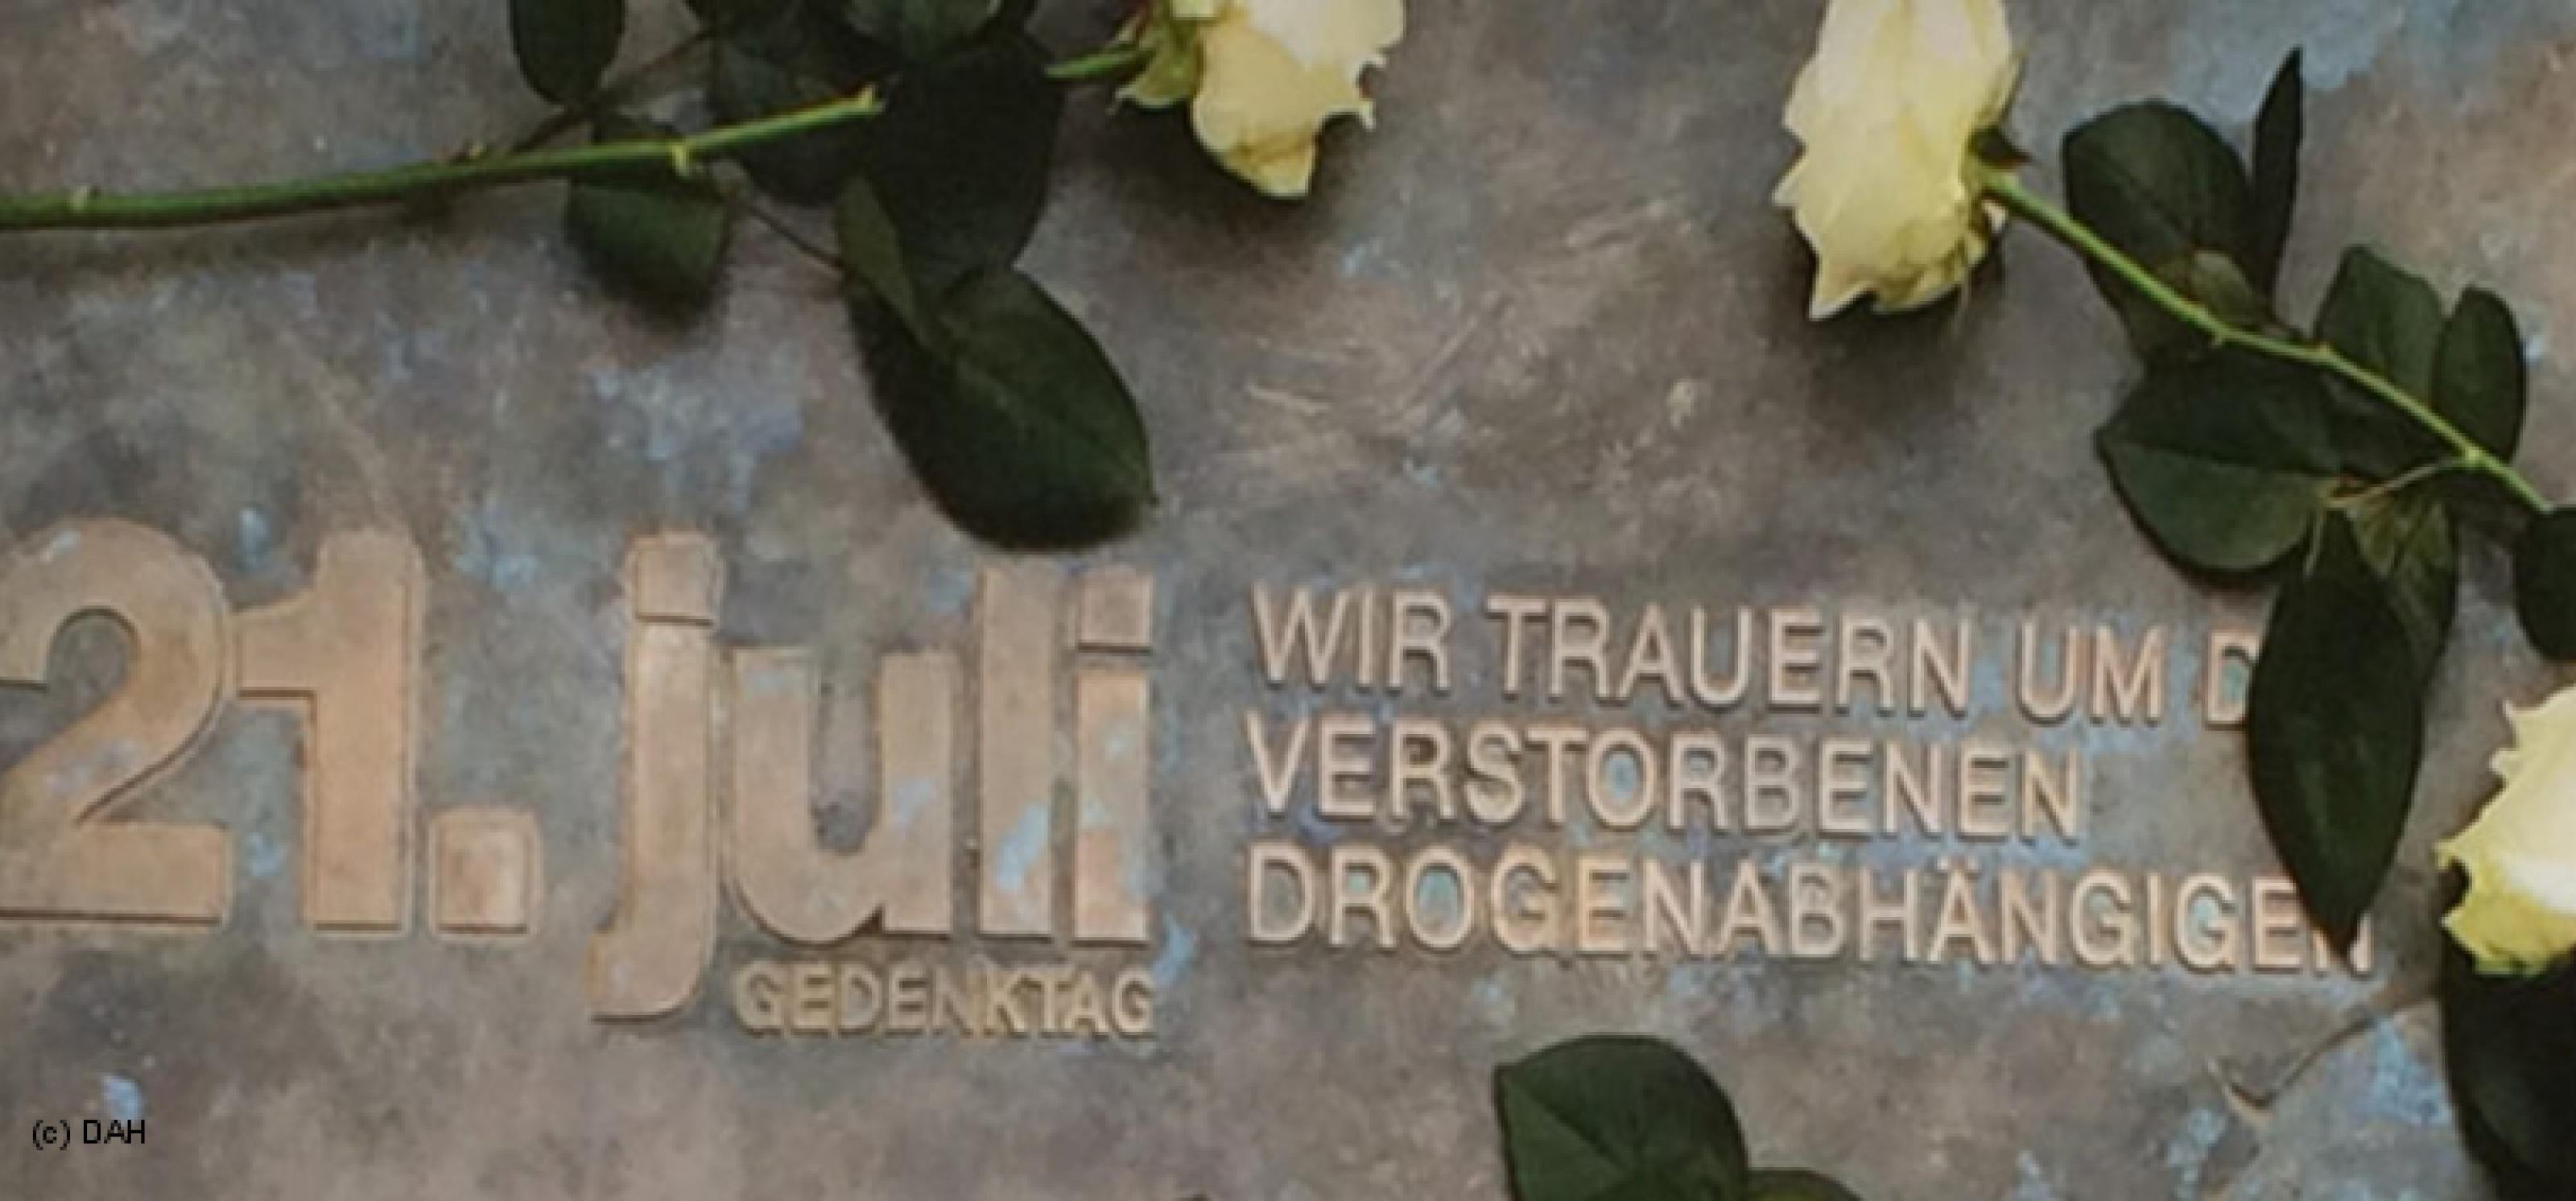 Zu sehen ist ein Gedenkstein mit der Aufschrift: 21. Juli, Gedenktag, wir trauern um die verstorbenen Drogenabhängigen. Frische weiße Rosen umrahmen die Aufschrift.